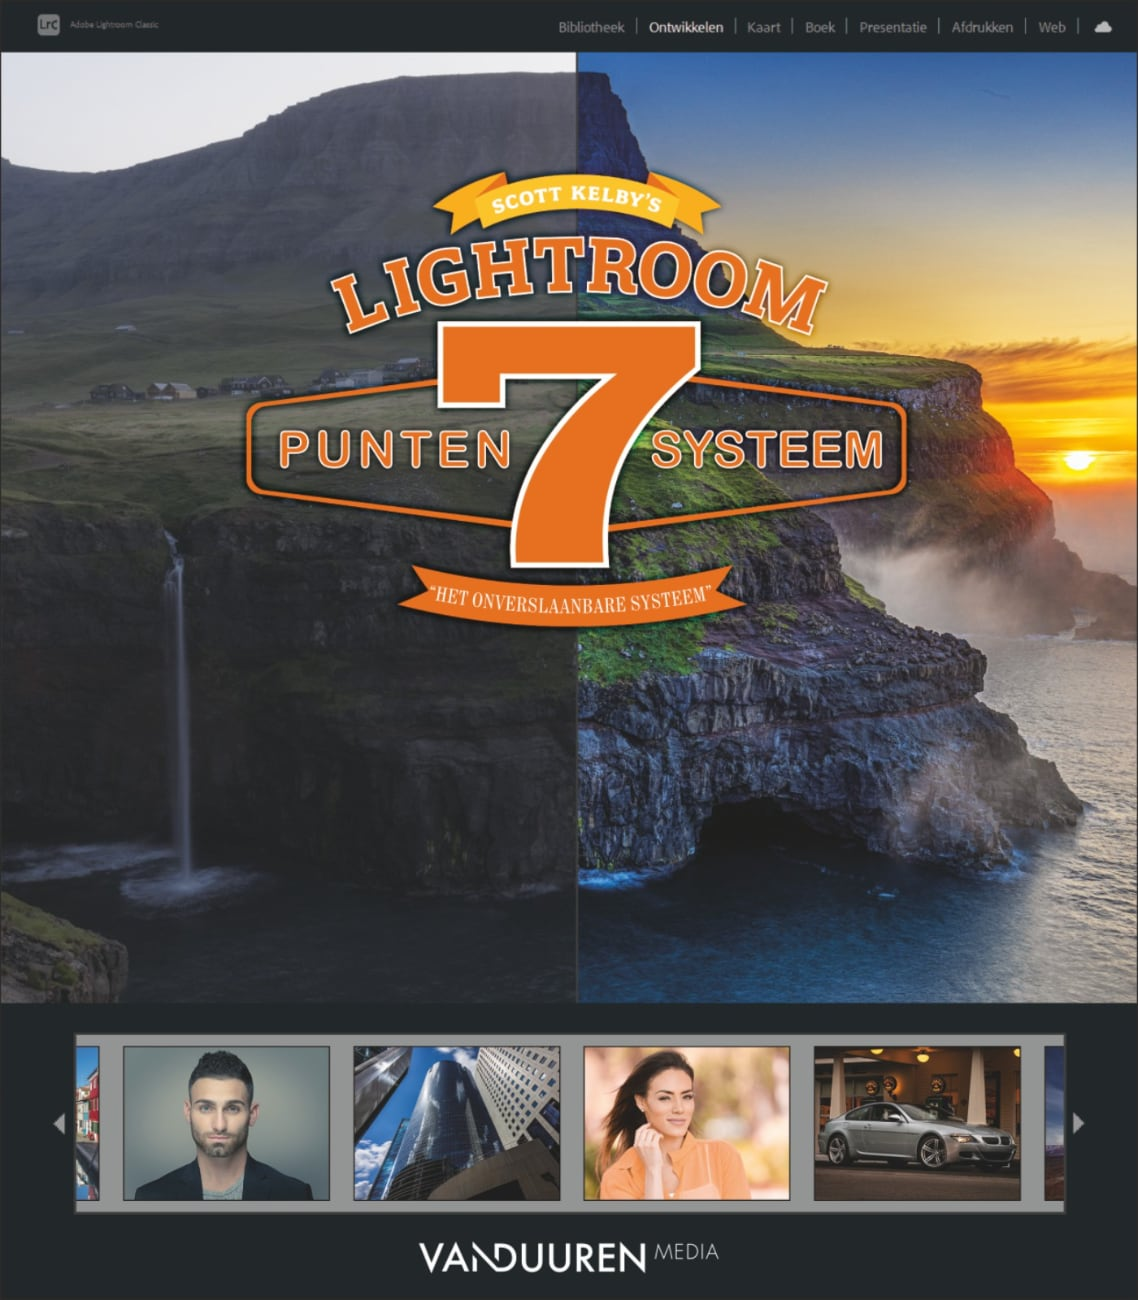 Scott Kelby's zevenpuntensysteem voor Lightroom